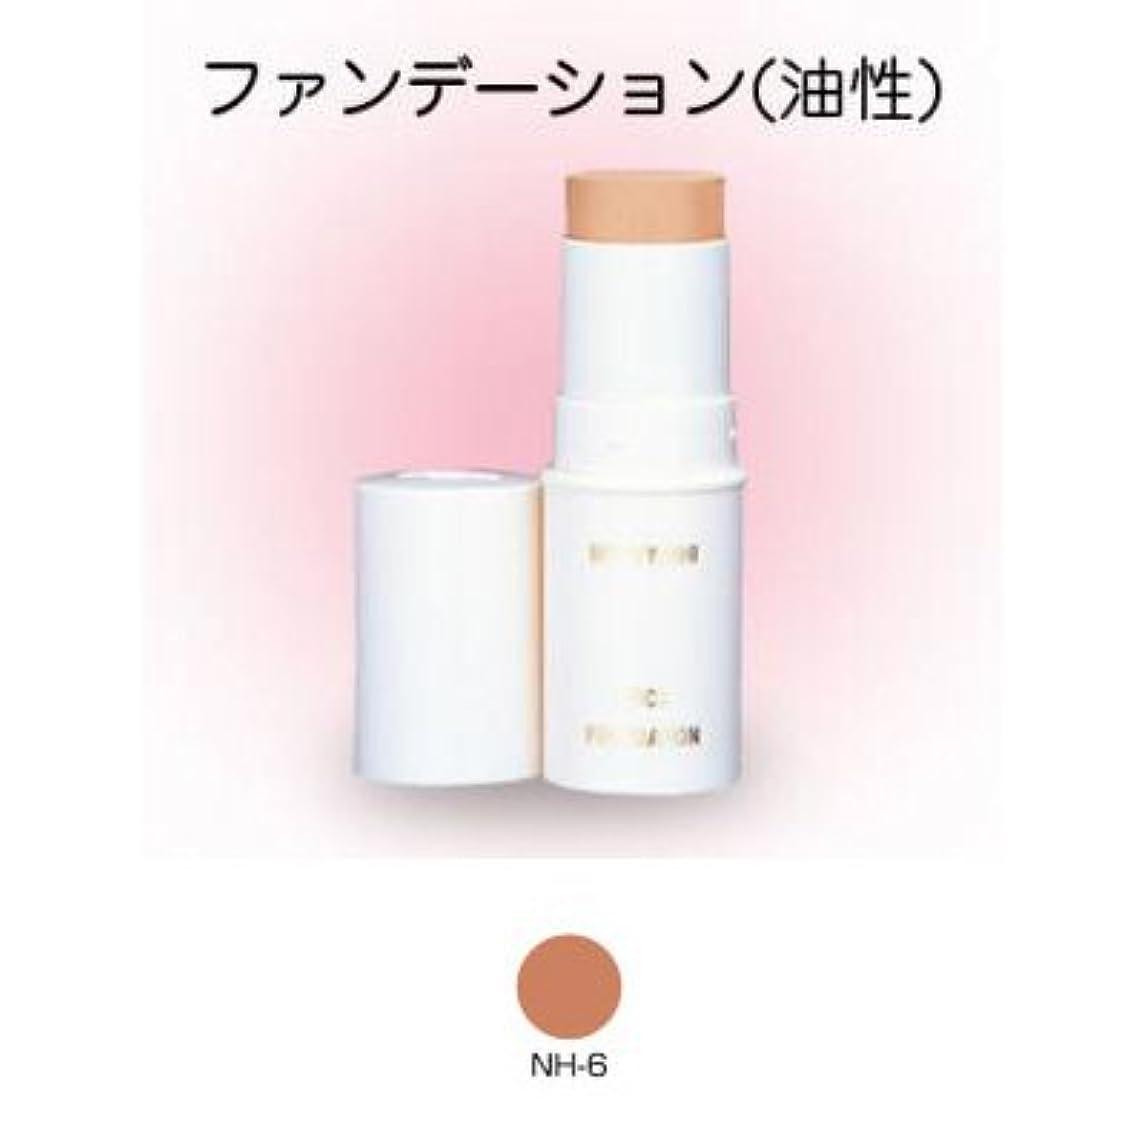 粒処方するボタンスティックファンデーション 16g NH-6 【三善】